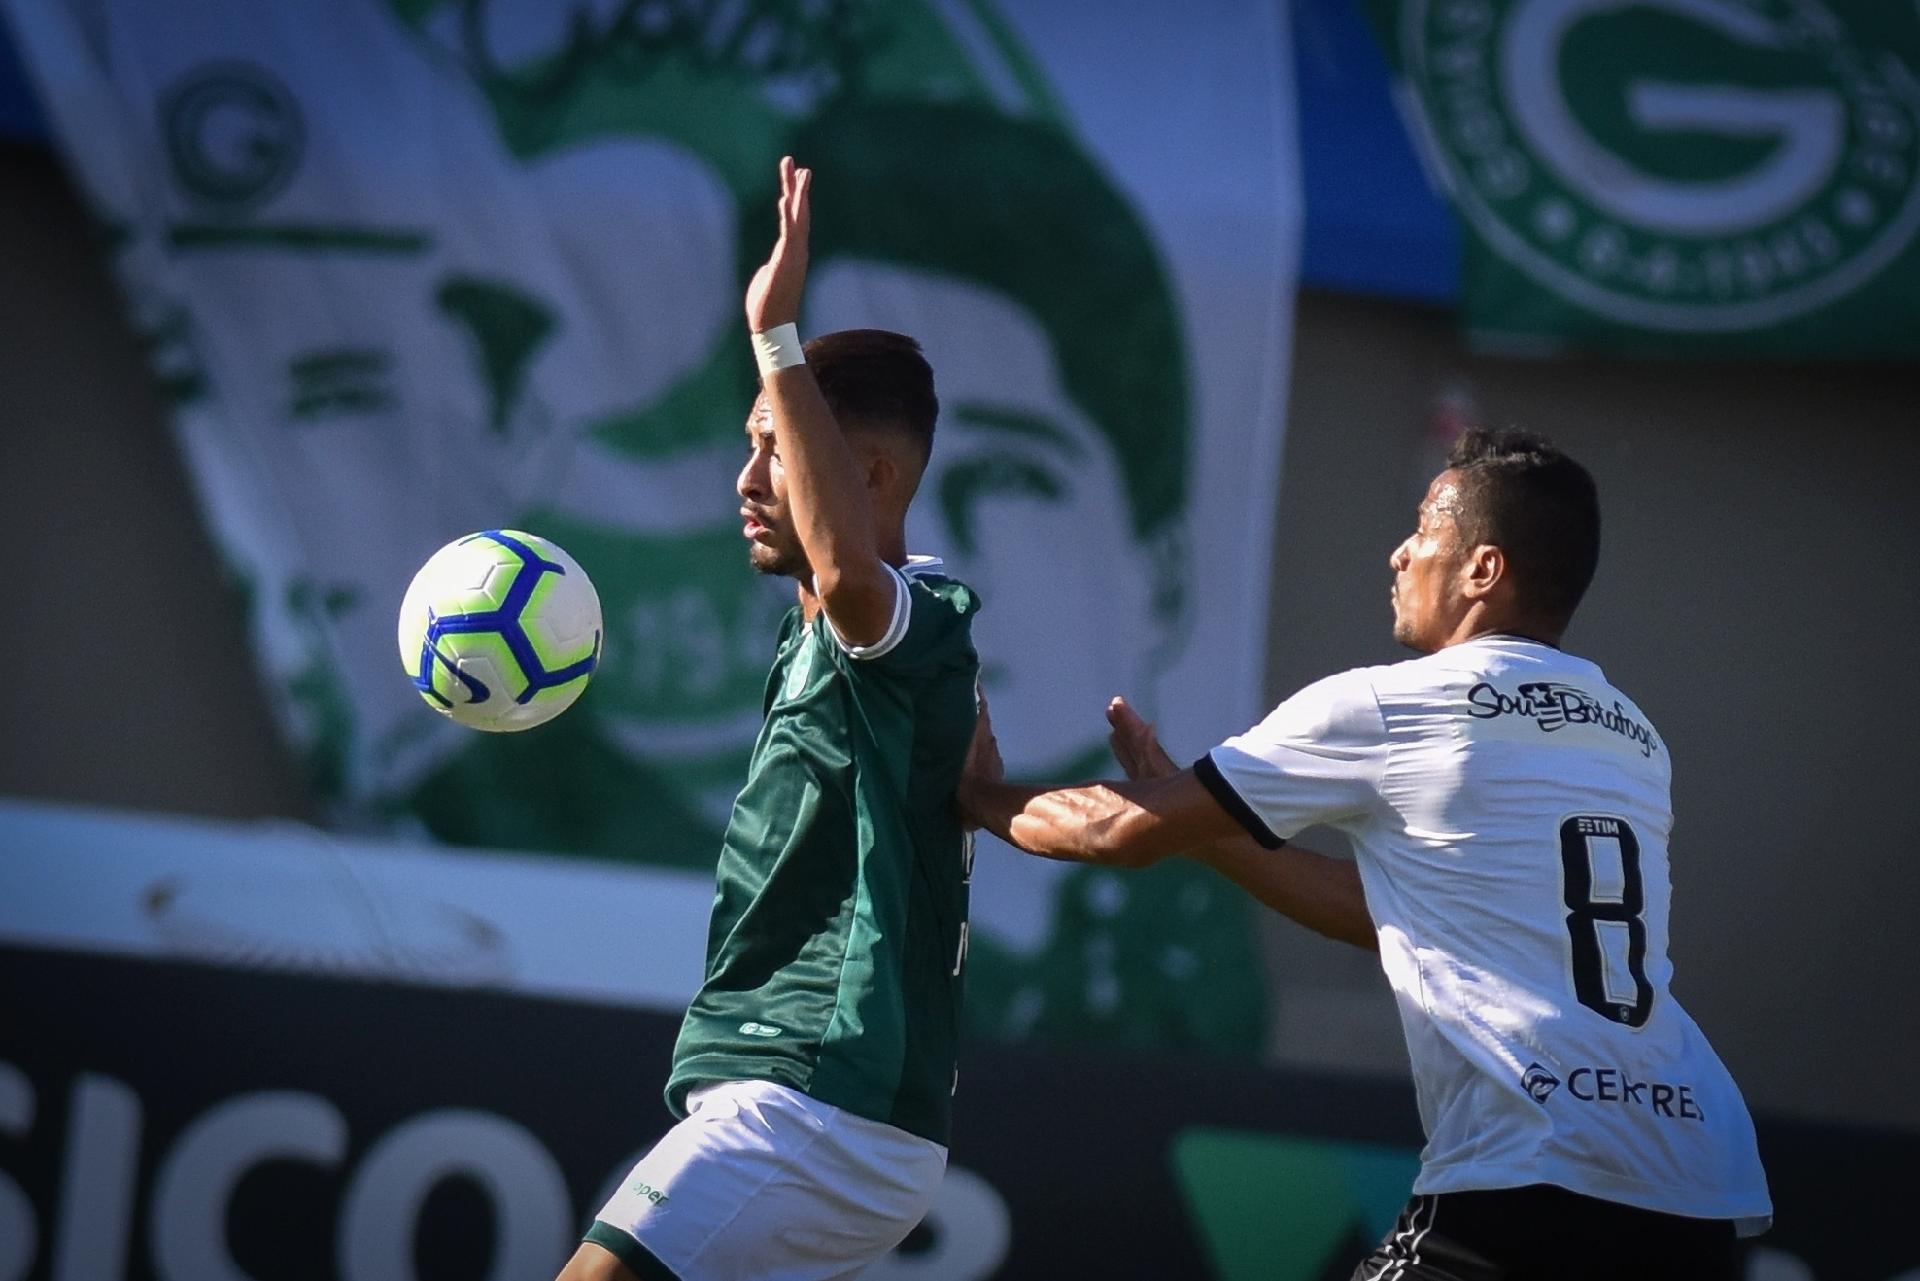 0f8e49017 Goiás vence o Botafogo com gol de Kayke nos minutos finais - 19 05 2019 -  UOL Esporte